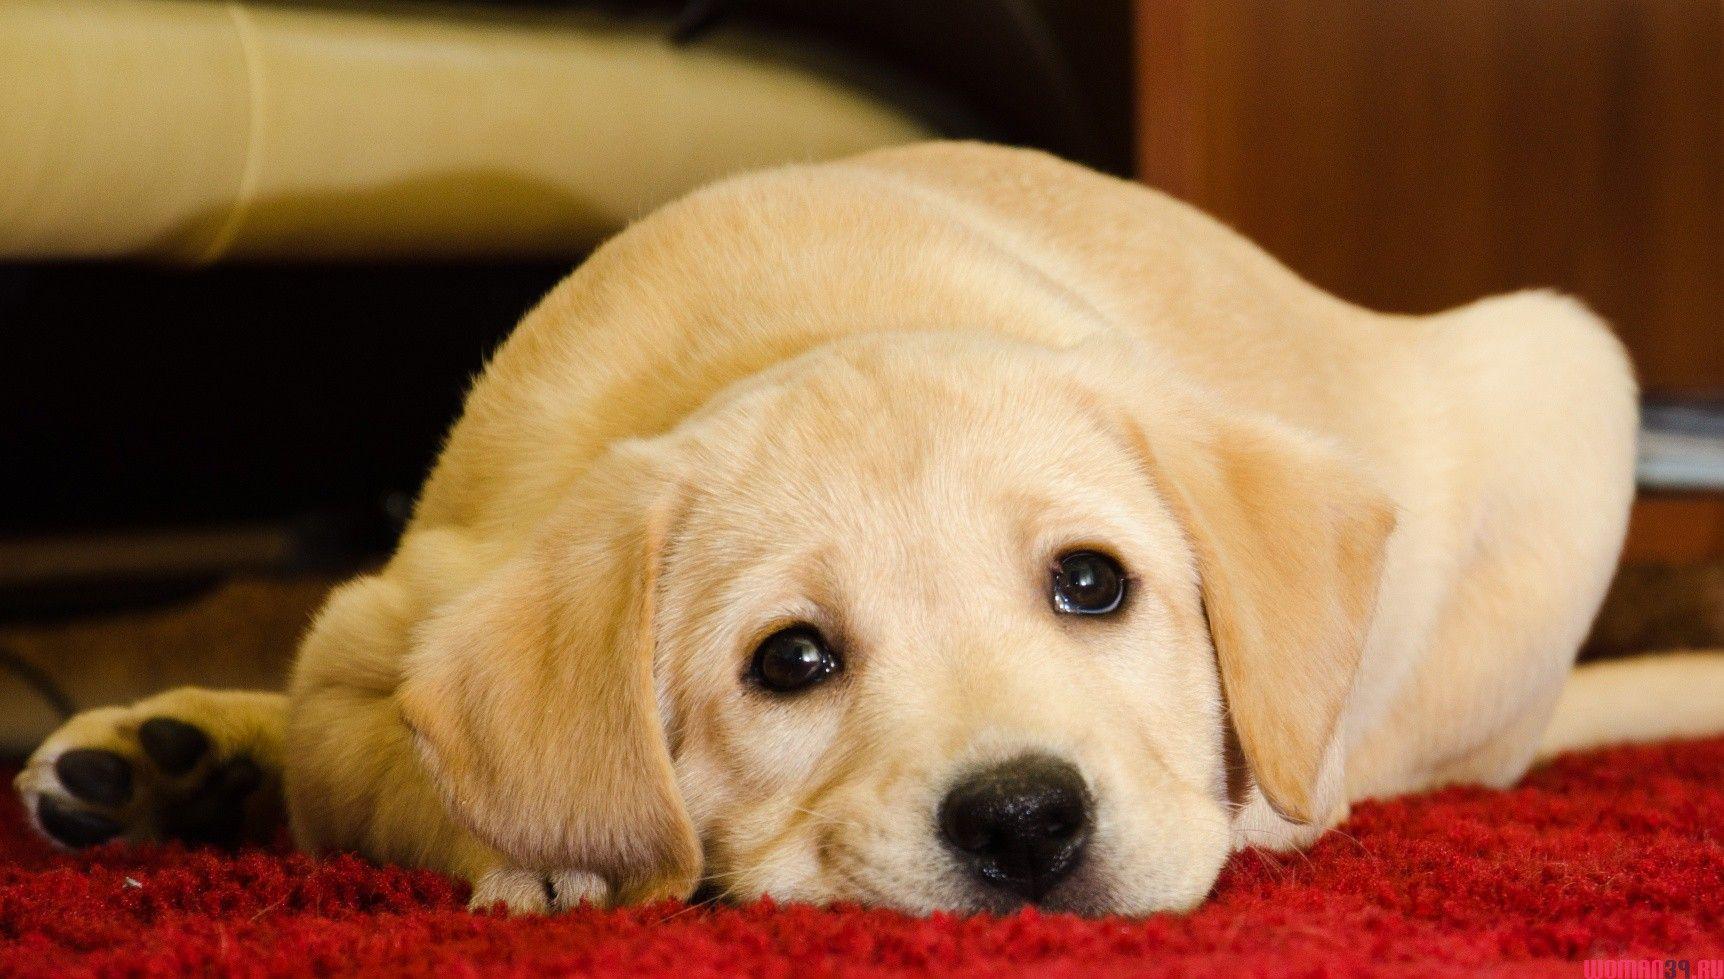 Гражданин Знаменского, выбросивший собаку сбалкона, попал под следствие